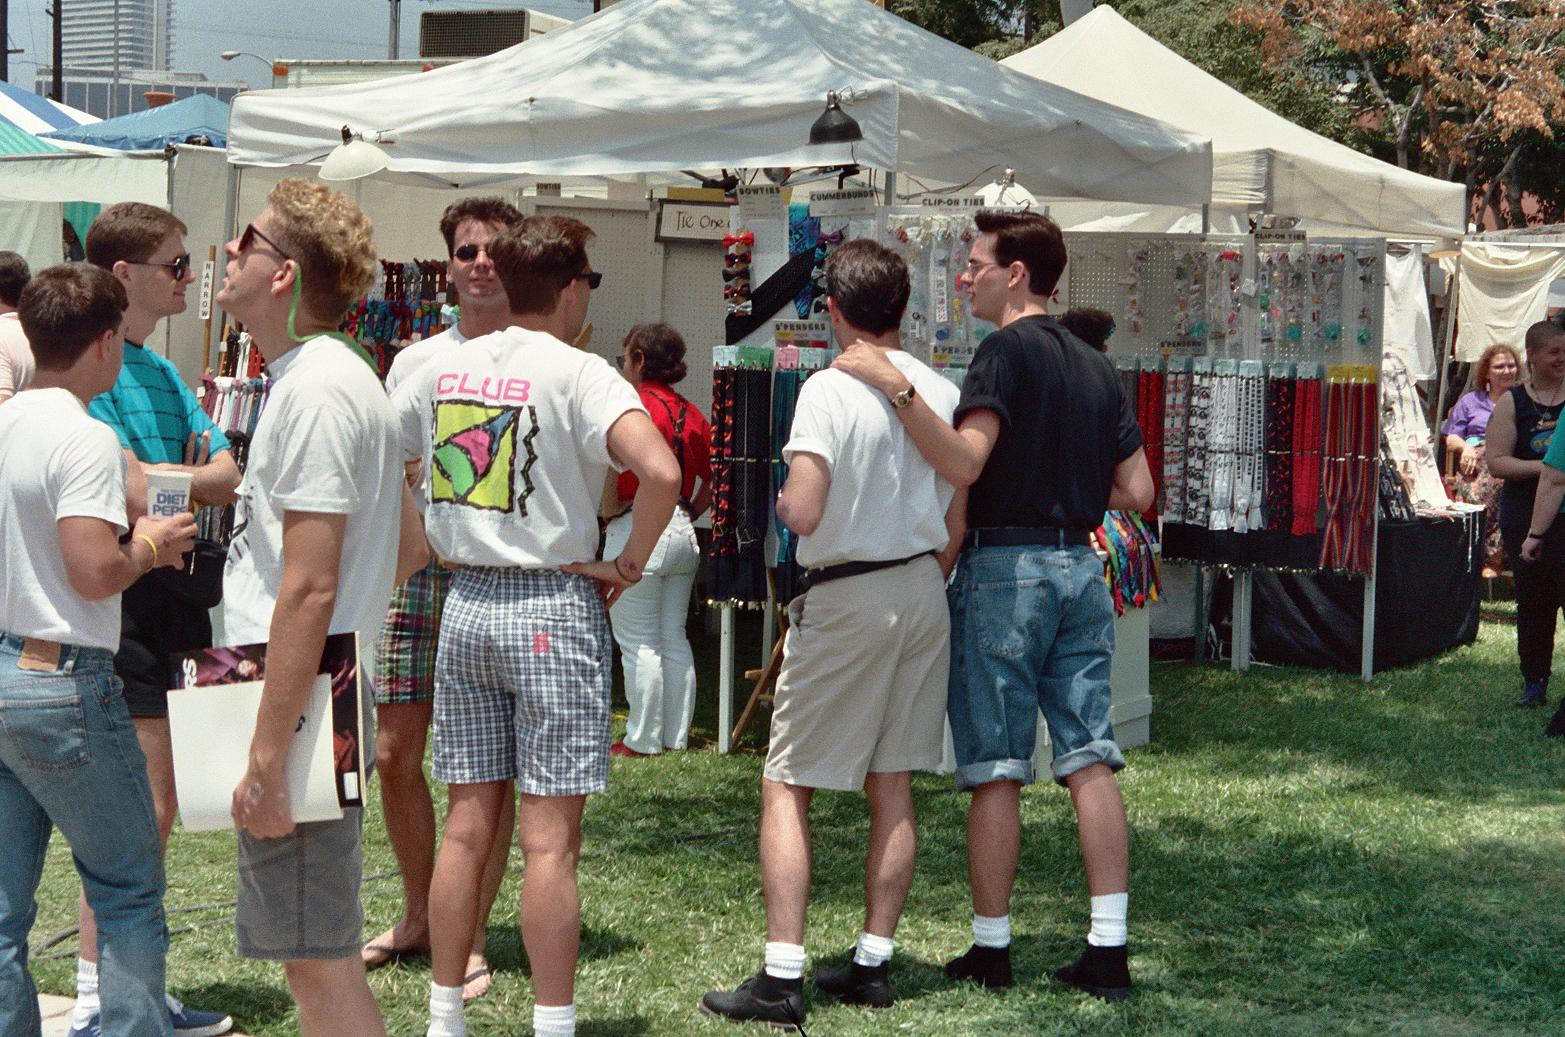 la-pride-1987-1995_21689325833_o